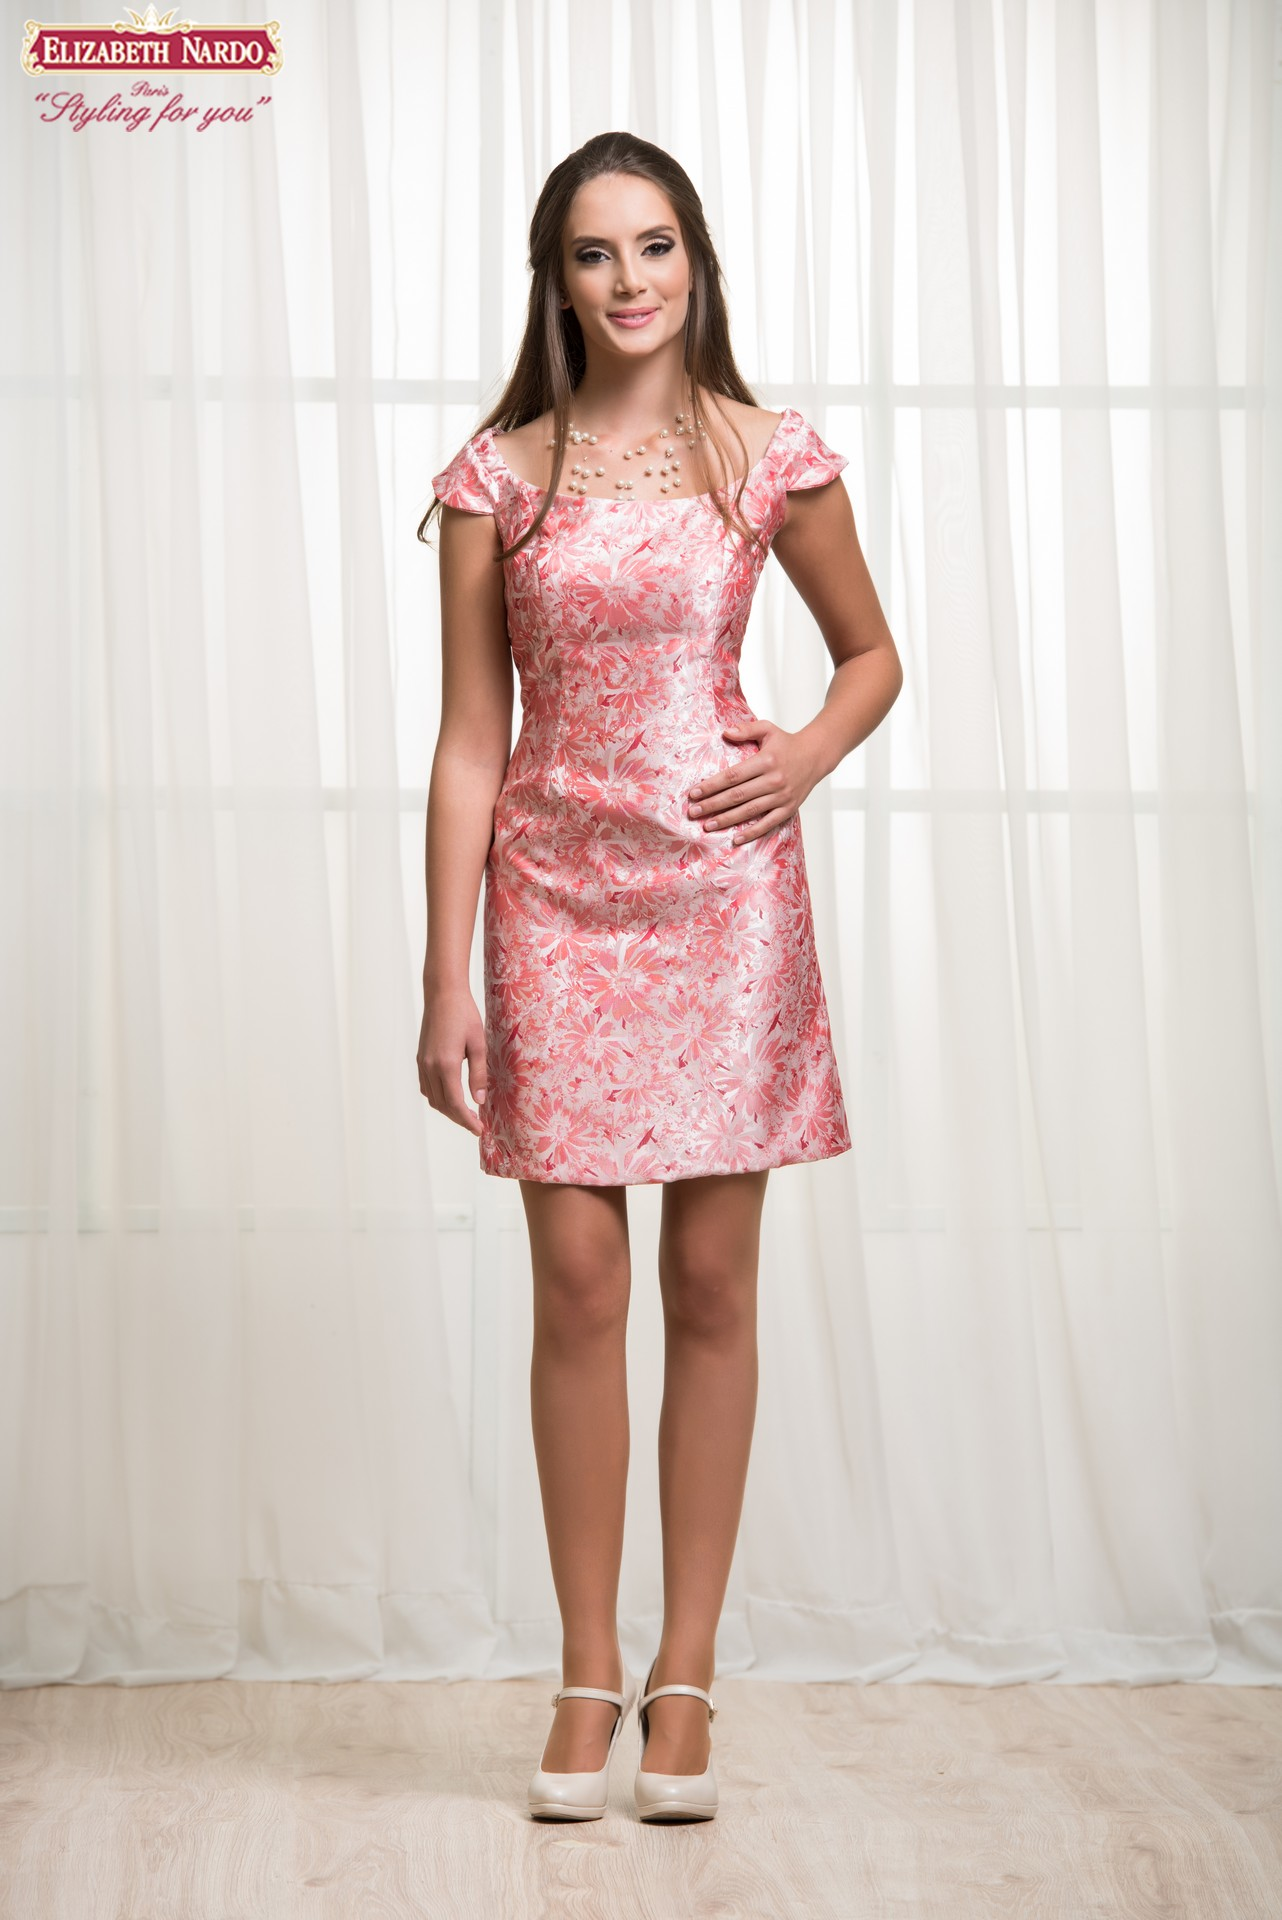 0b8fe0c87f Koktélruhák - Örömanya ruha, Koktél ruha 17-425 - Menyasszonyi ruhák ...